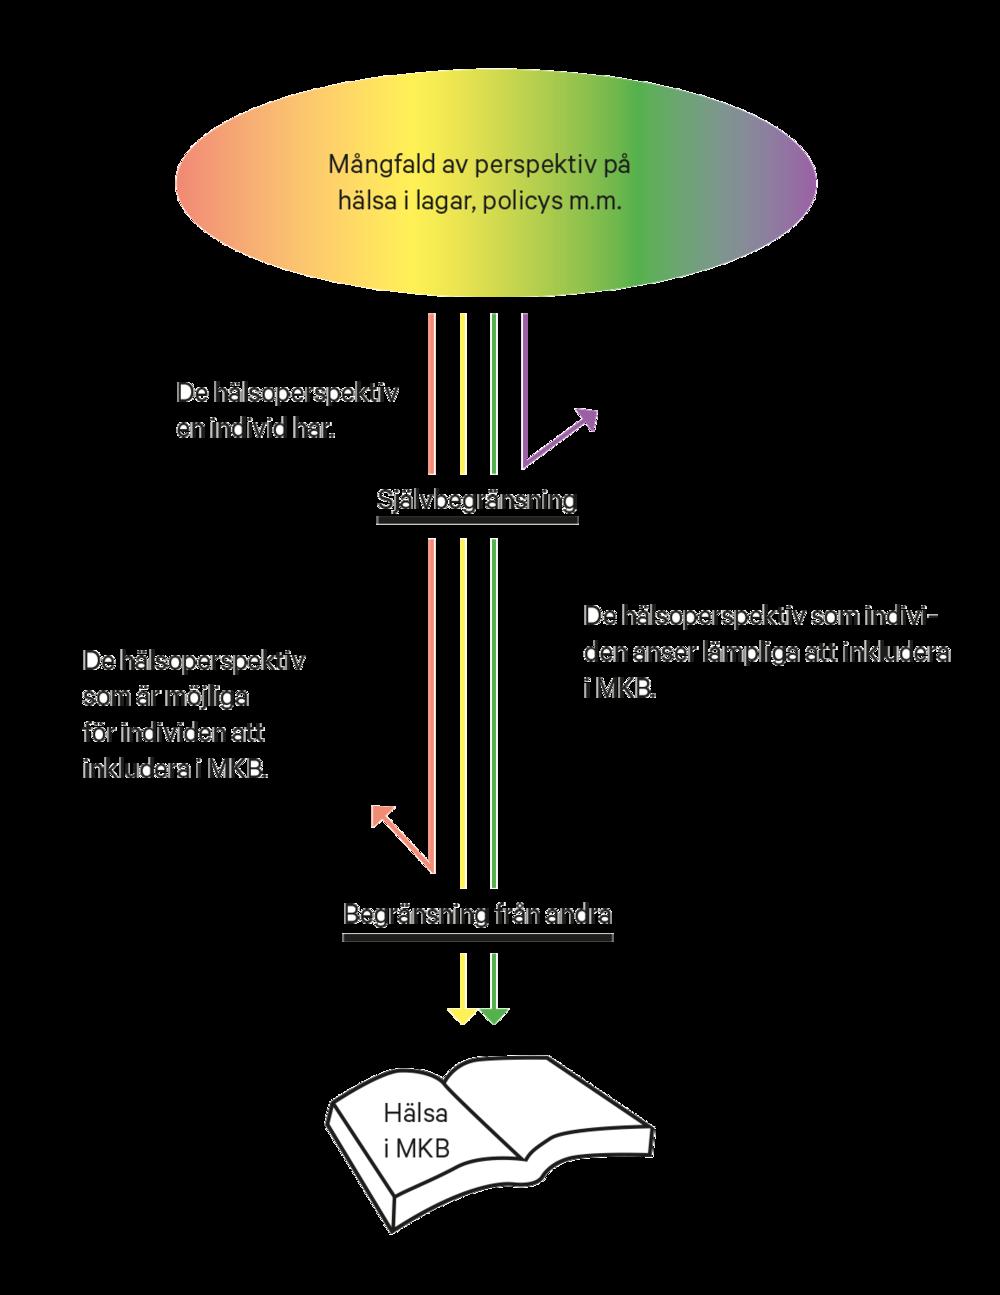 Figur 1. En principskiss över hur de två formerna av begränsning fungerar som filter för vilka perspektiv på hälsa som lyfts in MKB. Modifierad från Kågström, 2016, sid 49.